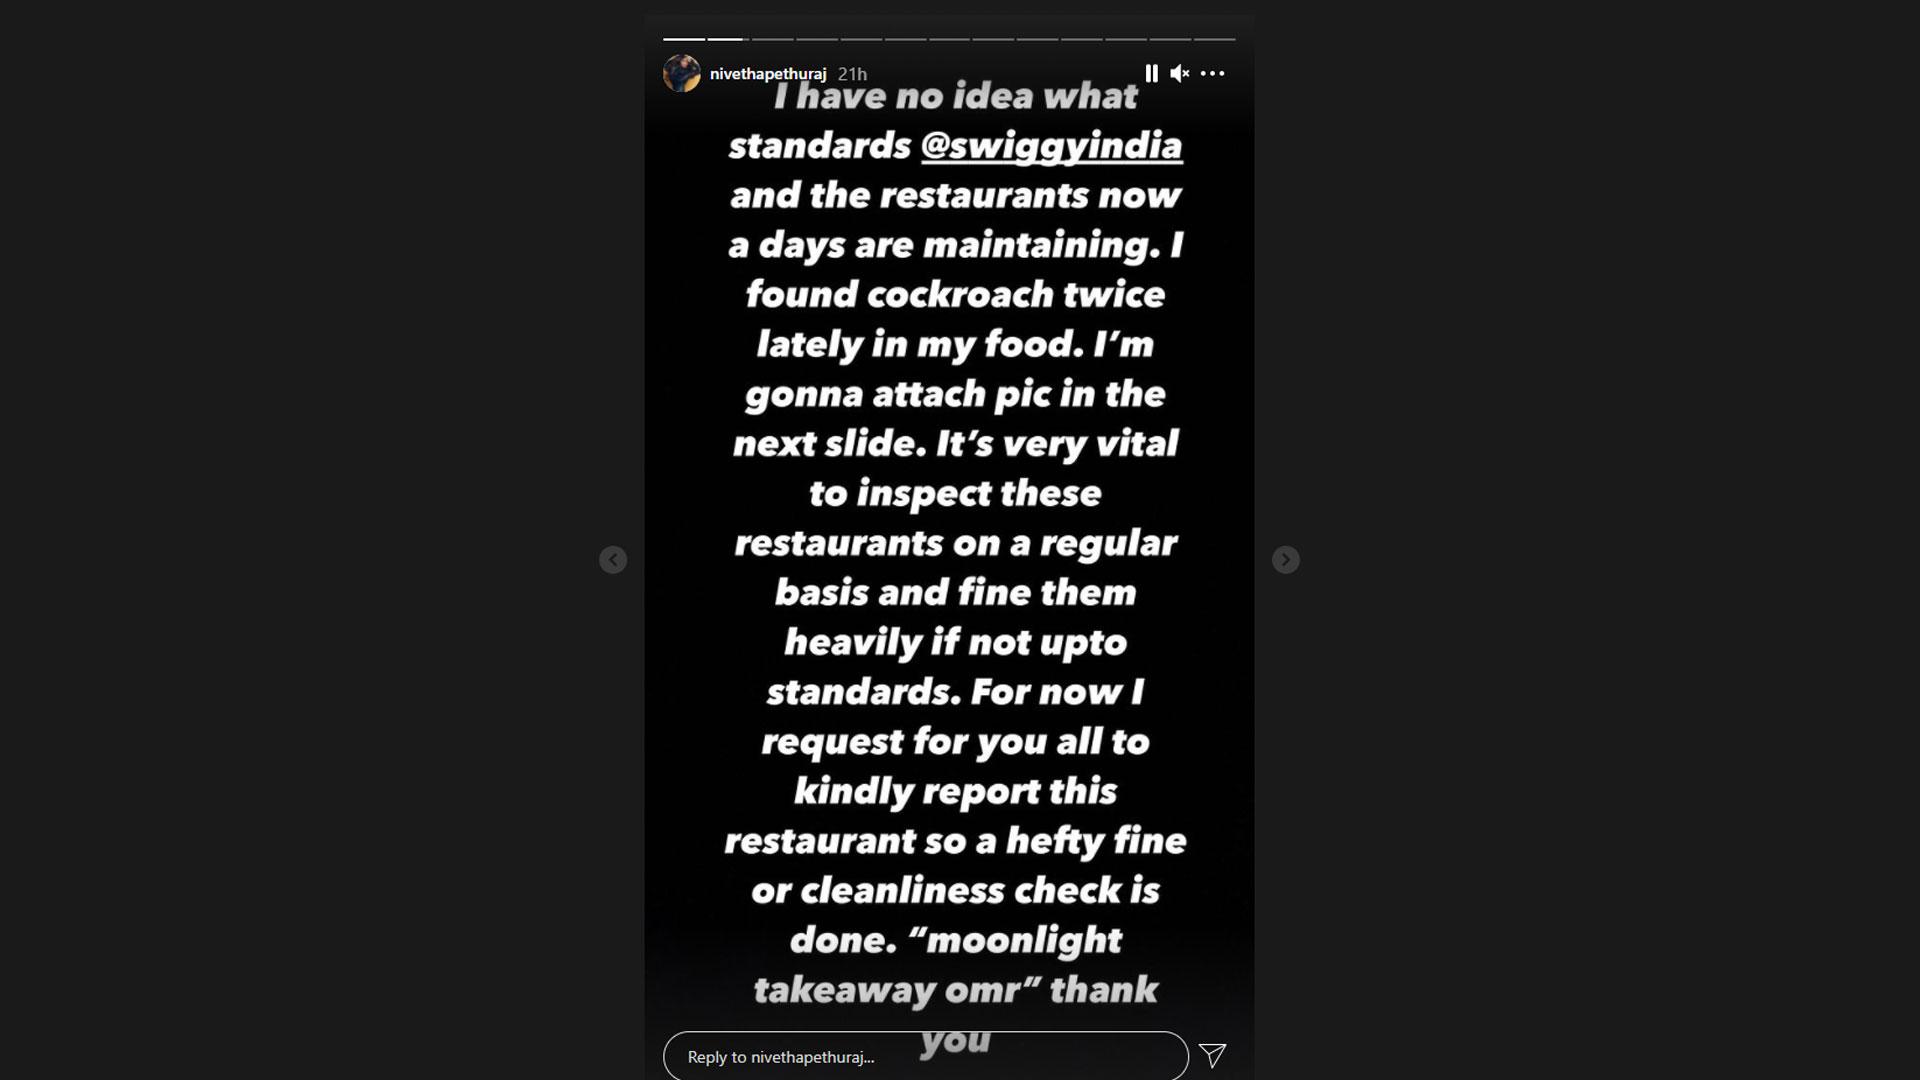 انہوں نے سویگی انڈیا کو ٹیگ کرکے کہا کہ انہیں اس ریسٹورنٹ کو اپنی ایپ سے نکال دینا چاہیے اور دیگر جتنے بھی ریسٹورینٹس کا کھانا وہ ڈلیور کررہے ہیں ان کے معیار کو بھی سختی سے جانچنا چاہیے— فوٹو: اسکرین شاٹ